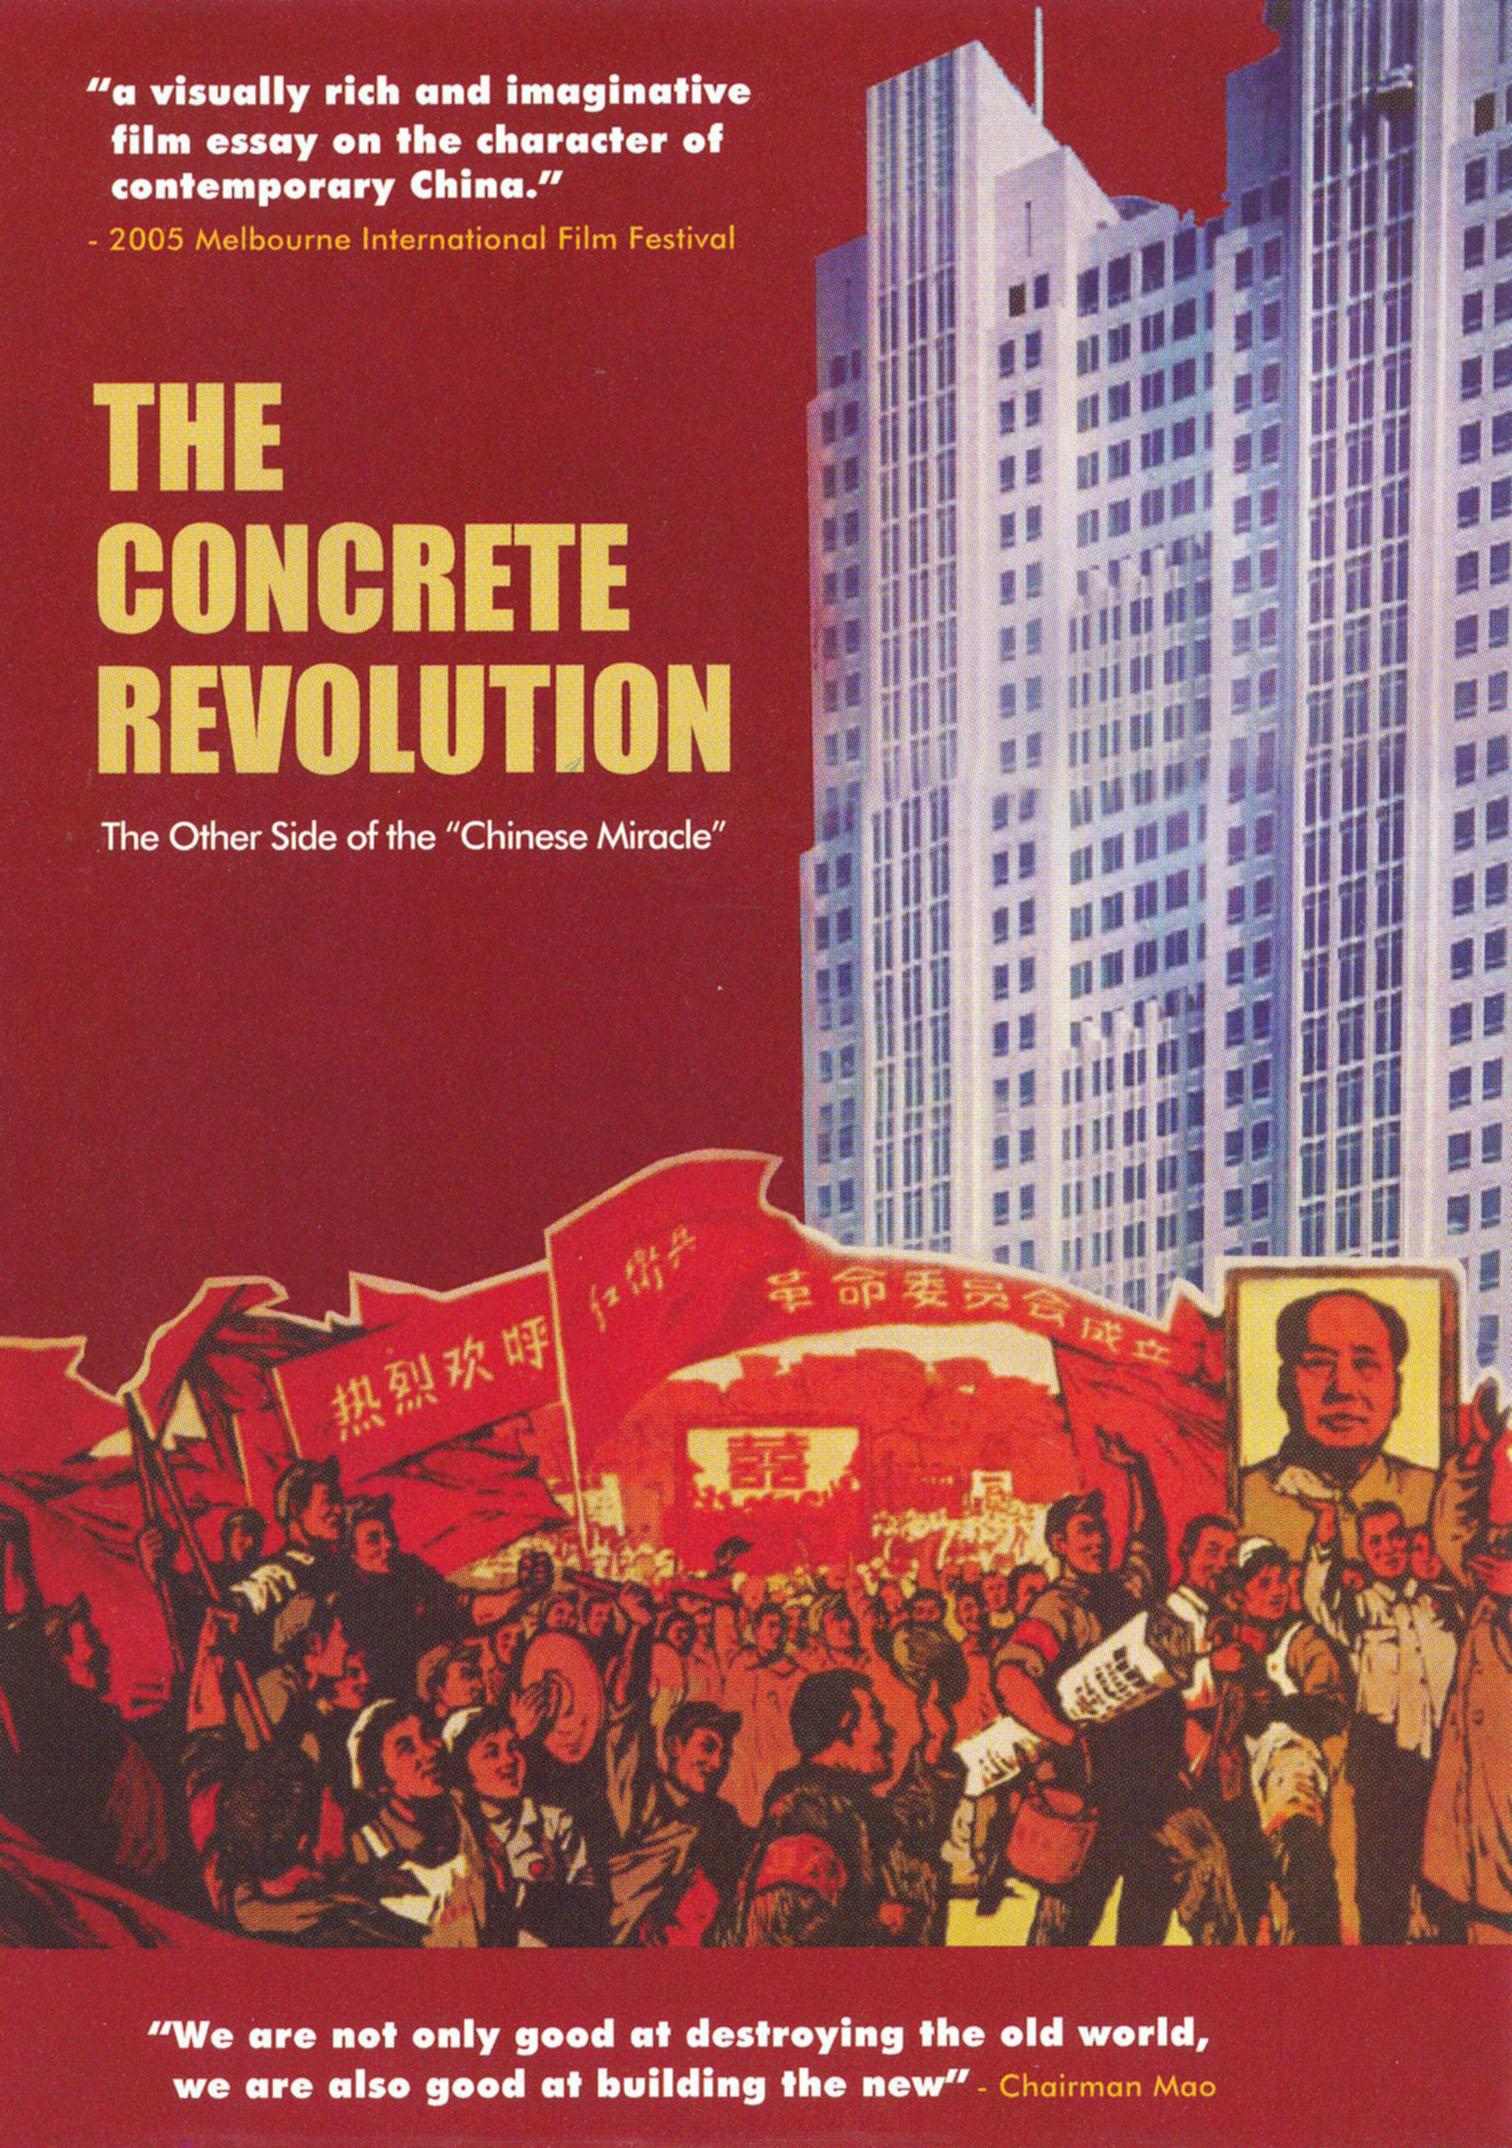 The Concrete Revolution